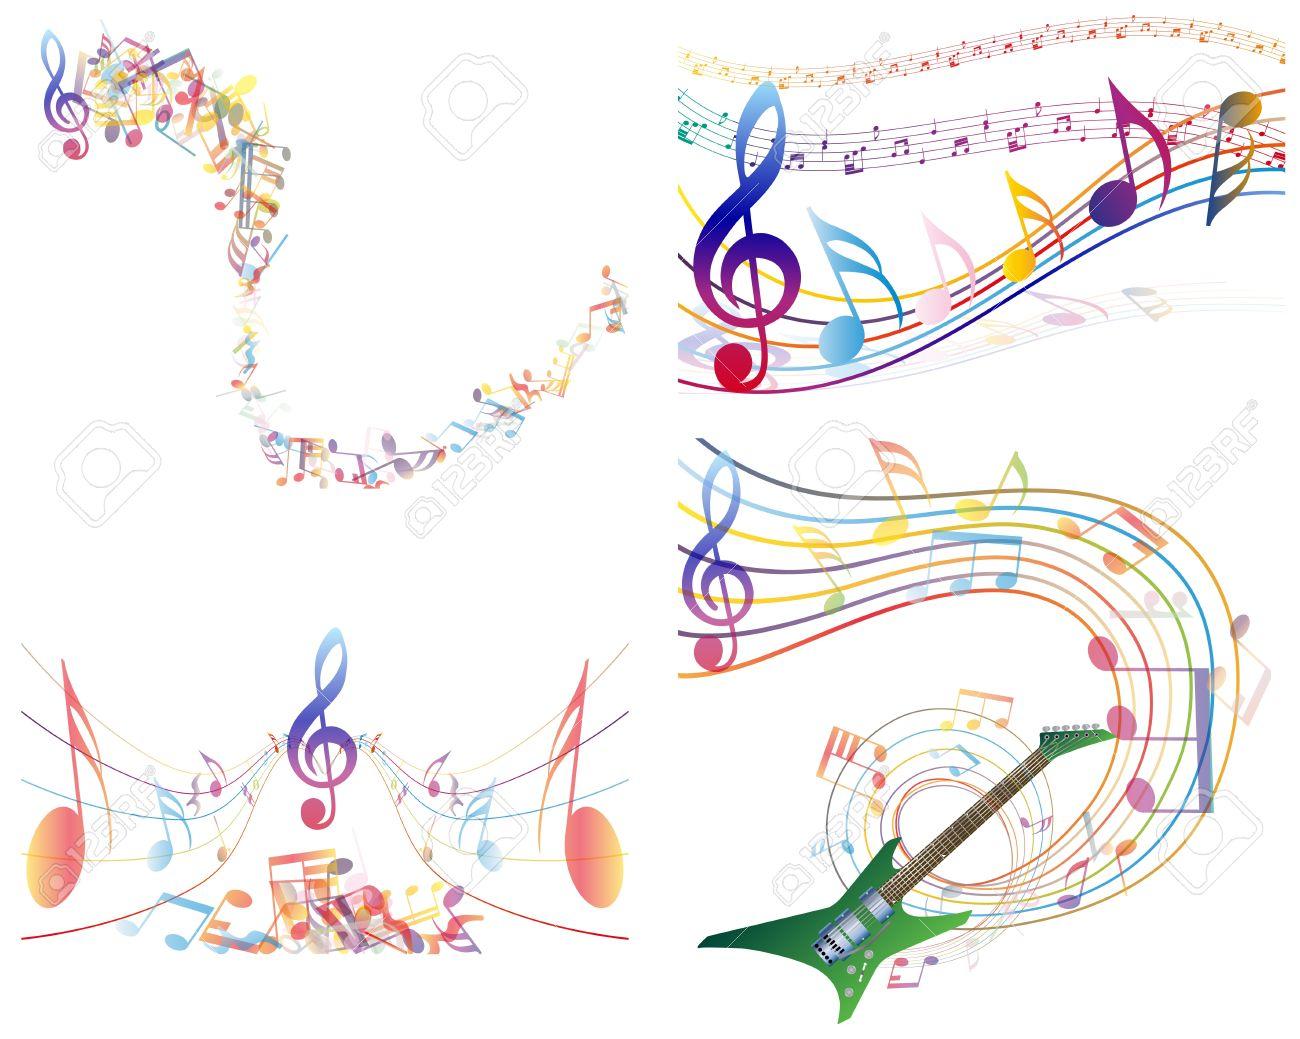 マルチカラー音楽ノート スタッフ背景透明なイラストのイラスト素材